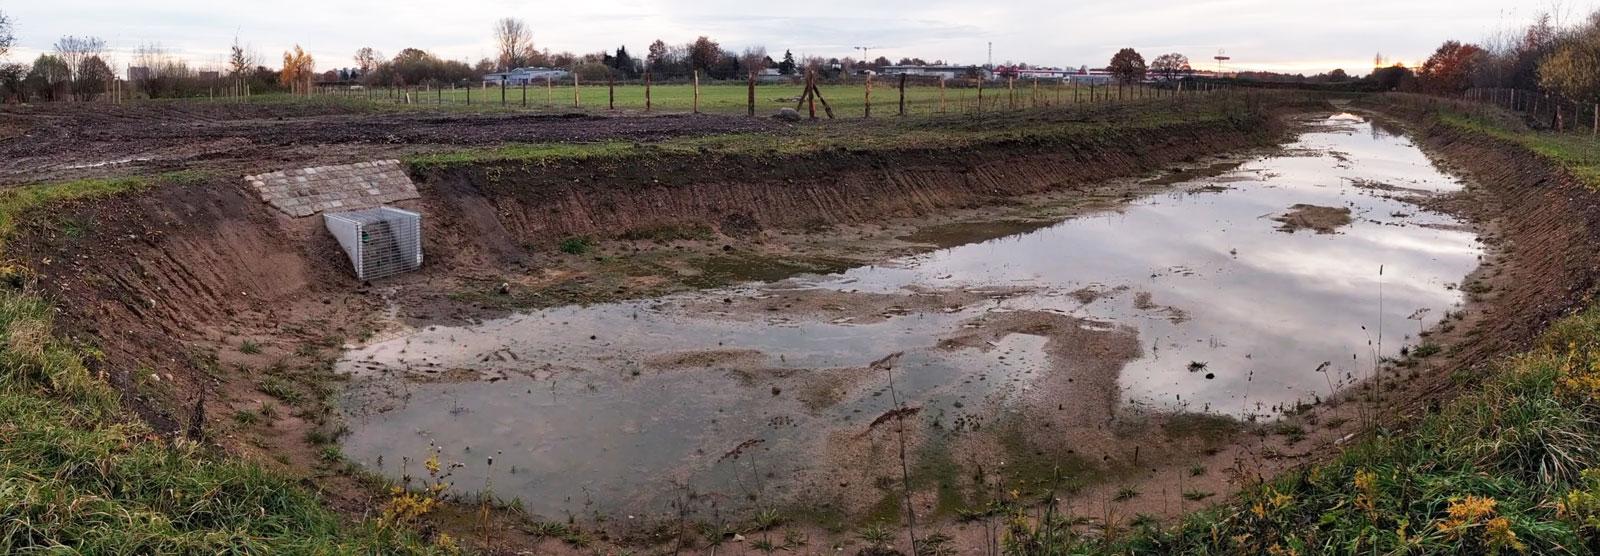 Hervorragend Professionelle Regenwassernutzung – Meykopff Lübeck VB59